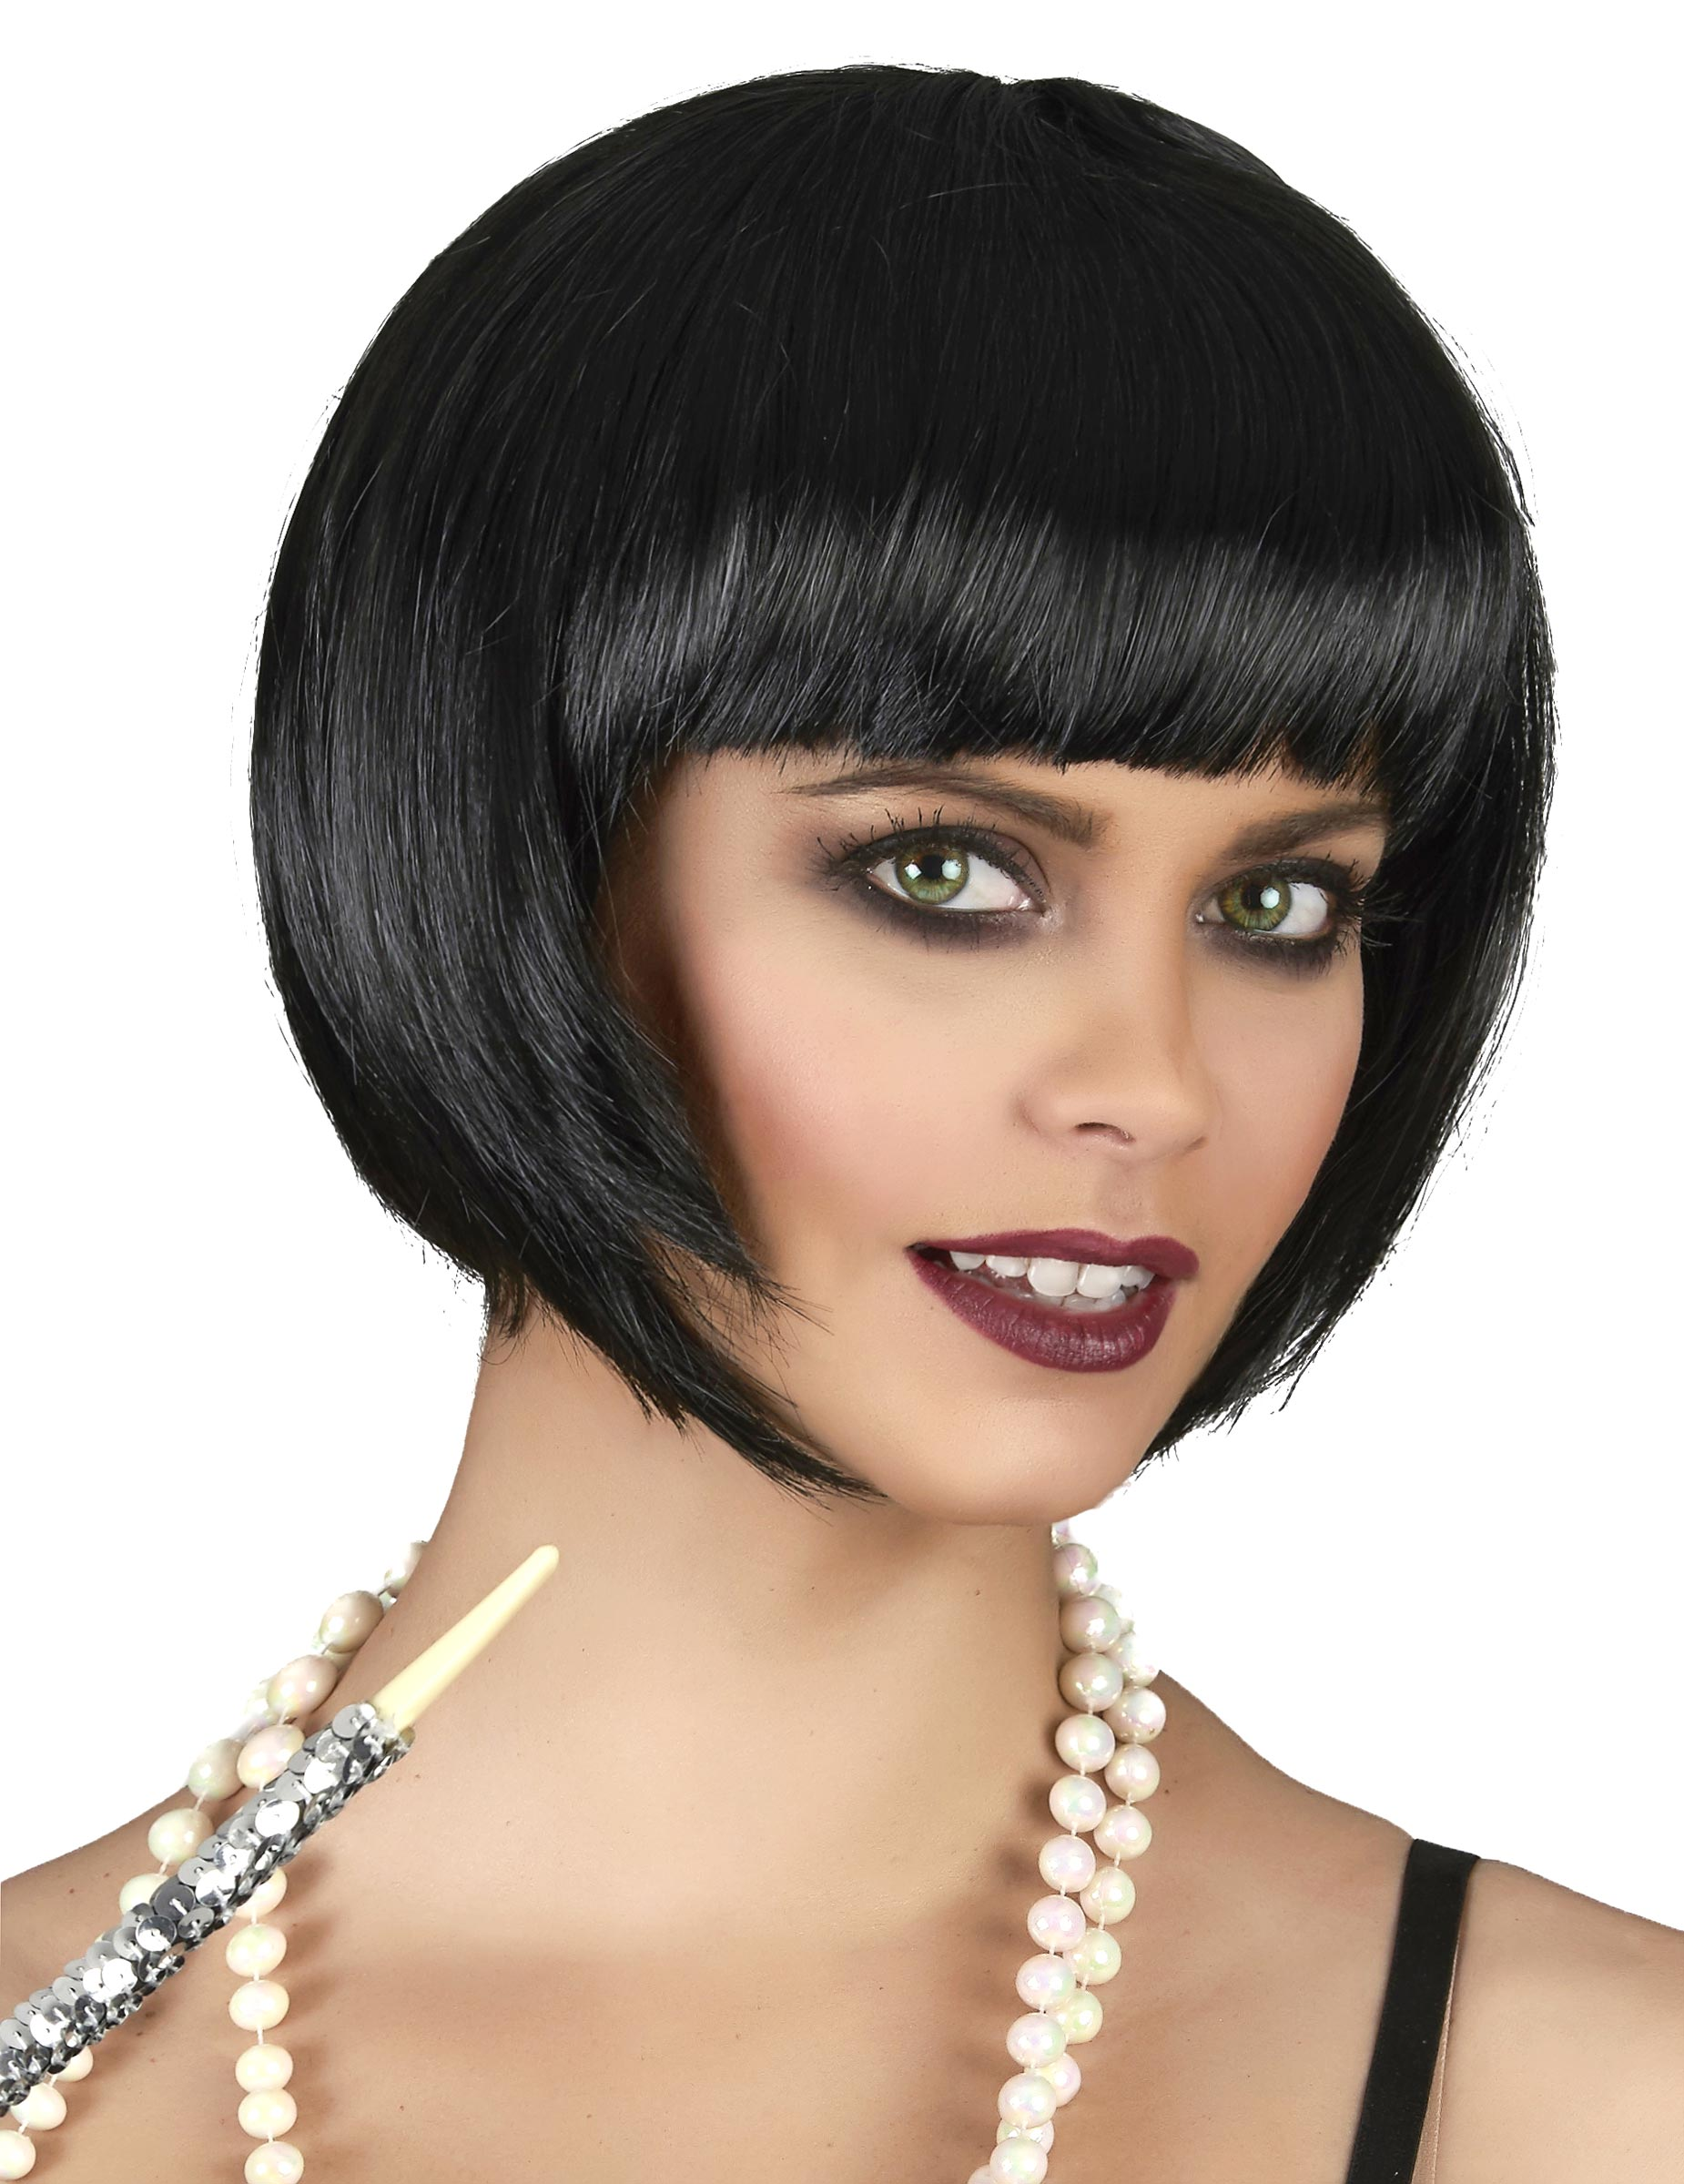 Perruque courte noire femme : Deguise-toi,